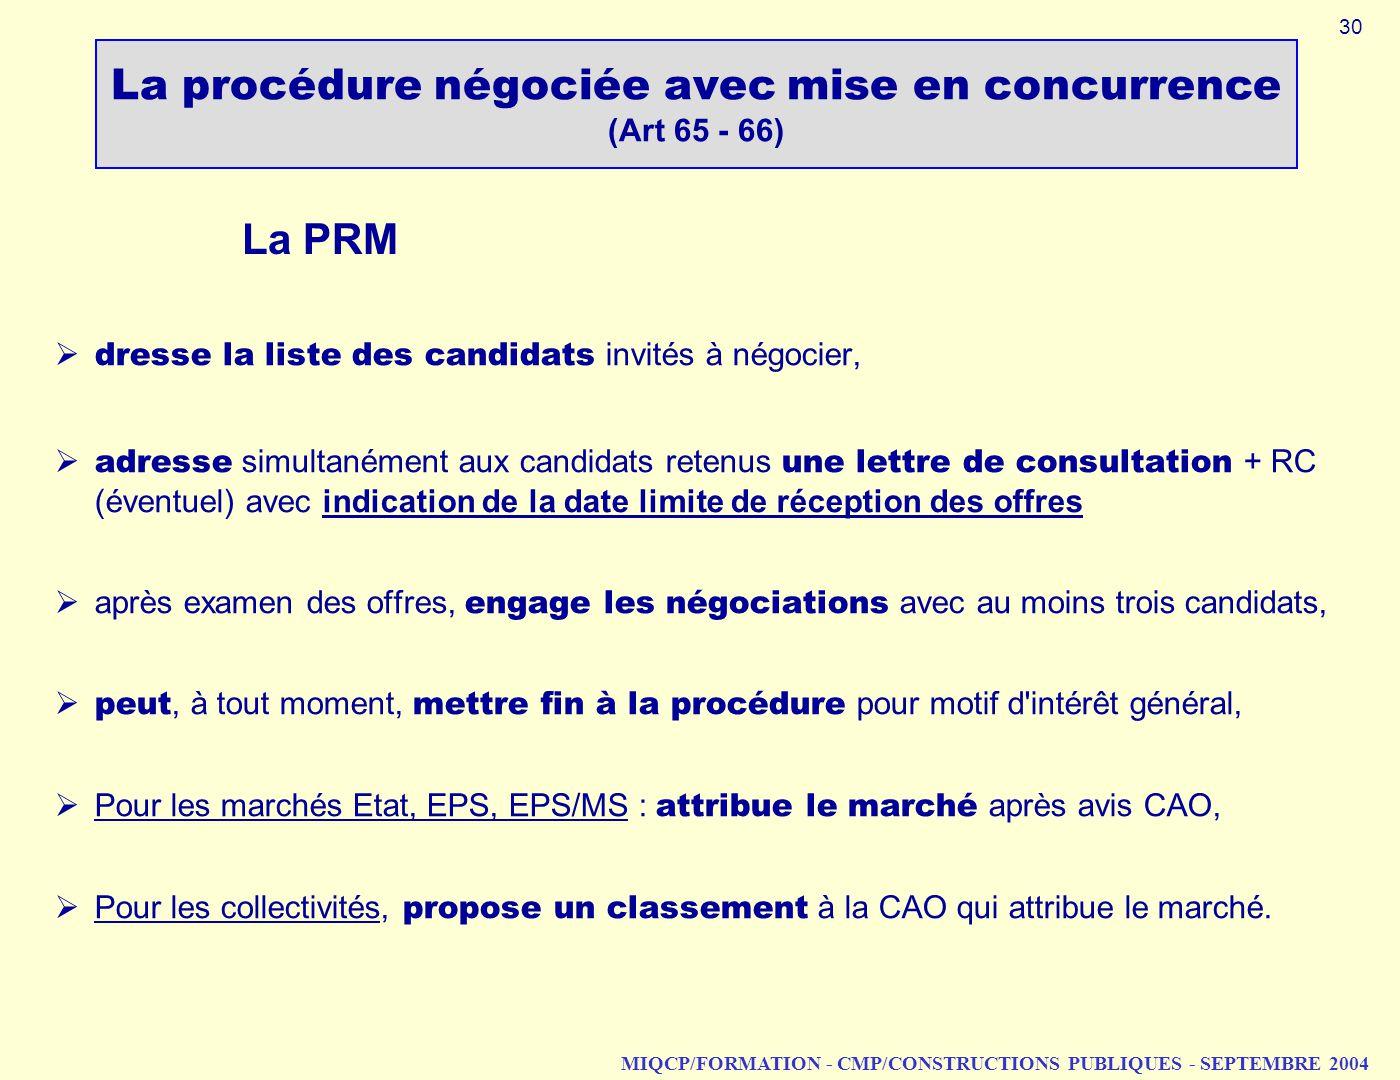 La procédure négociée avec mise en concurrence (Art 65 - 66)